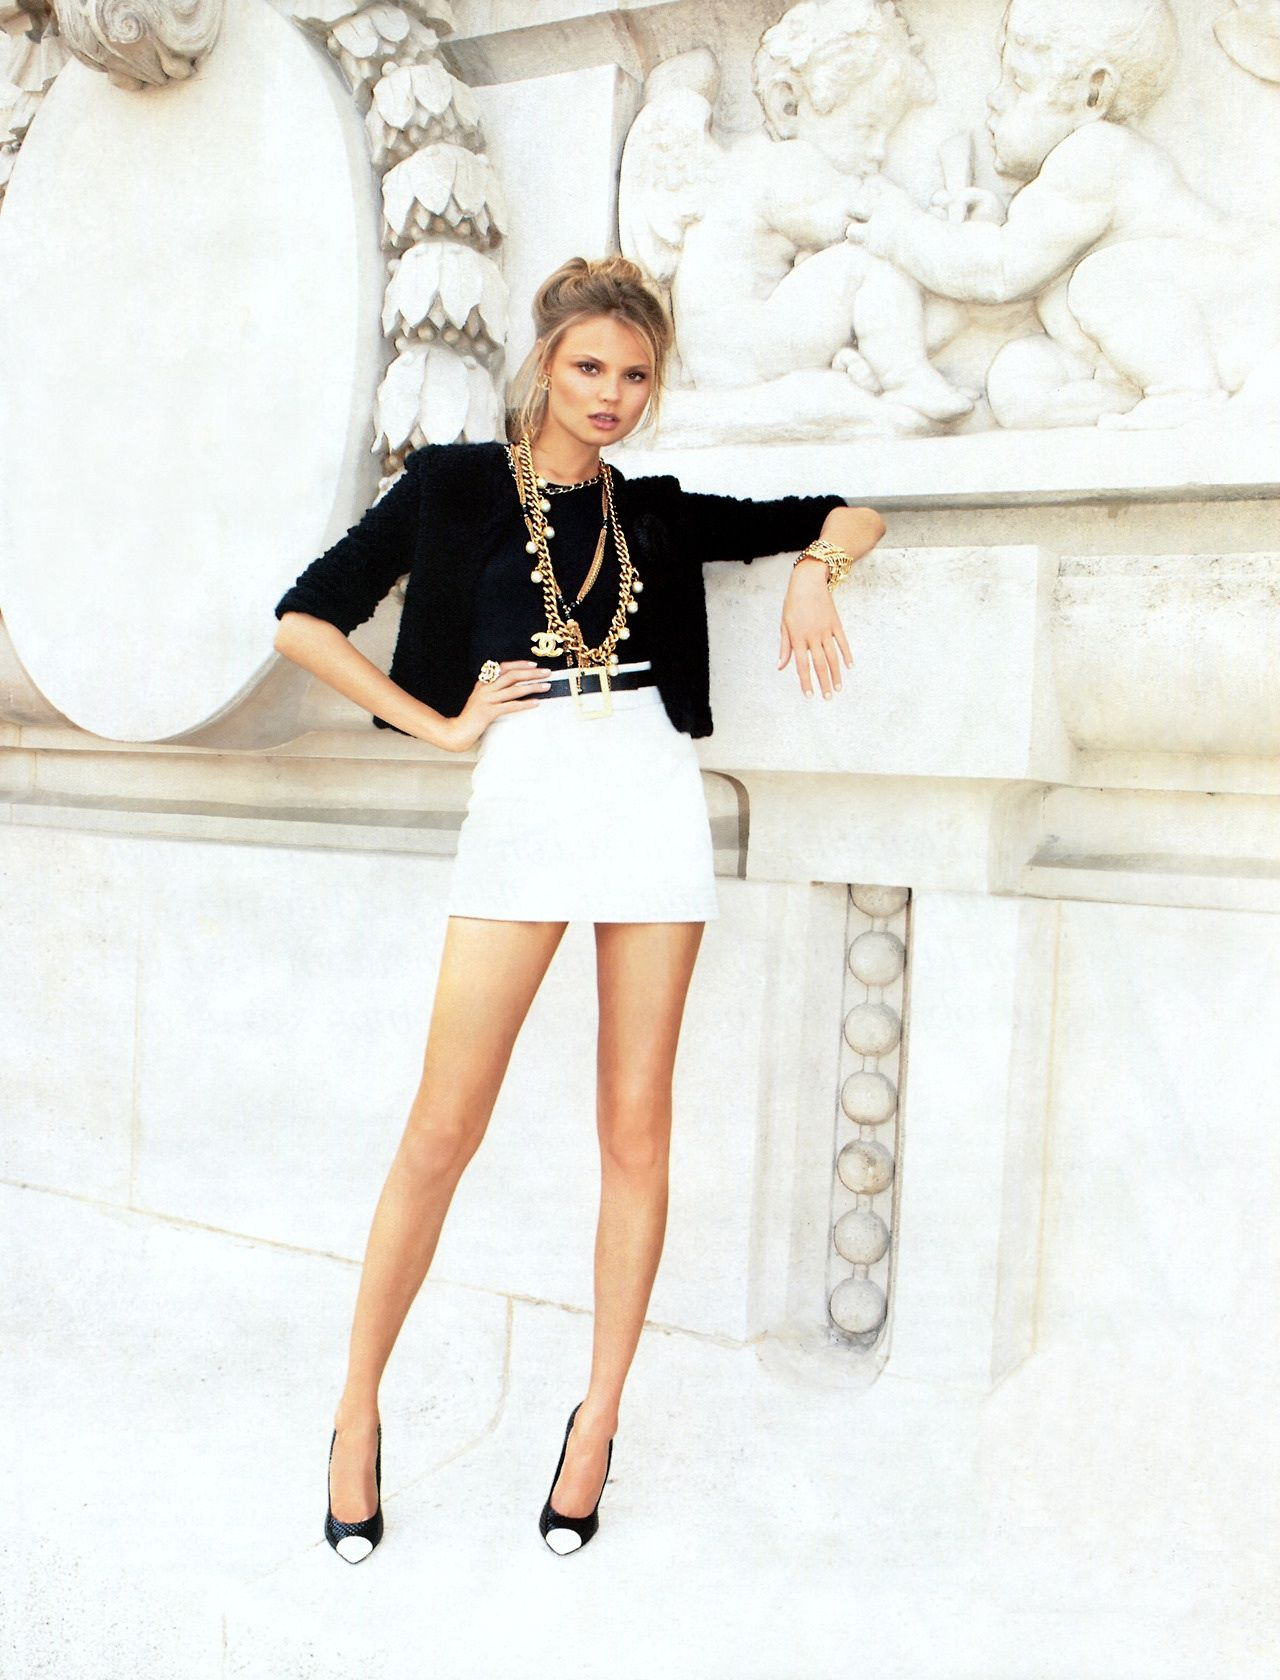 Wedding dresses for fuller figures with sleeves  CHANEL Little Black Jacket  Black Sweater  White Mini Skirt  B